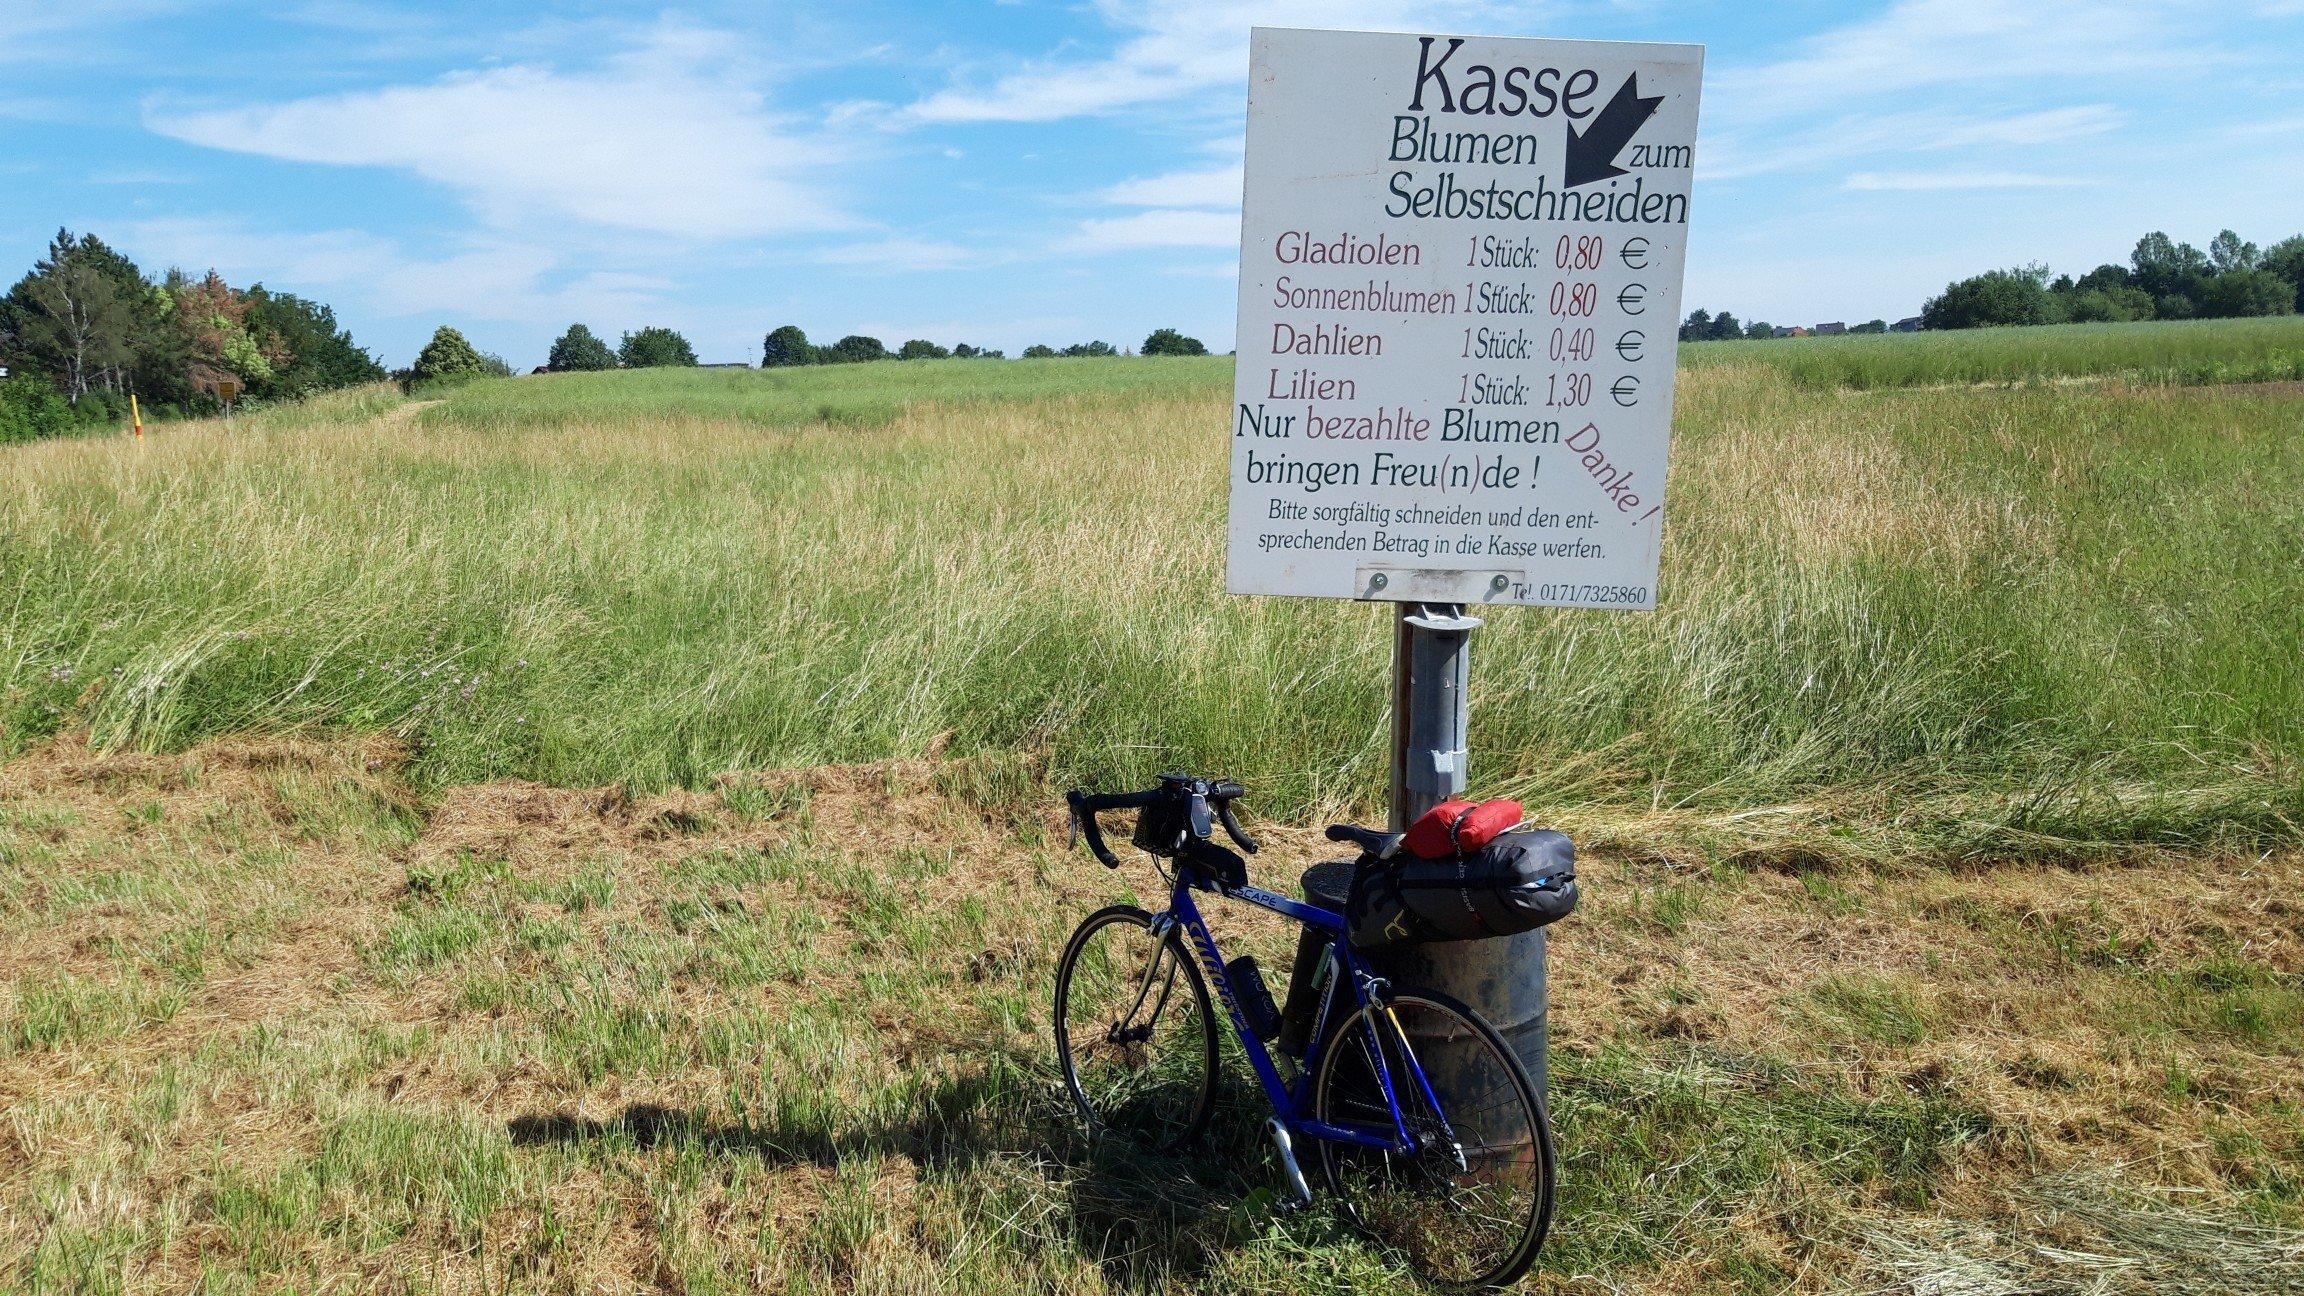 """Rad Rennrad lehnt an einem Pfosten mit der Aufschrift """"Blumen zum Selbstschneiden"""" sowie Preisliste darunter. Allerdings steht nur hohes Gras hinter dem Schild."""